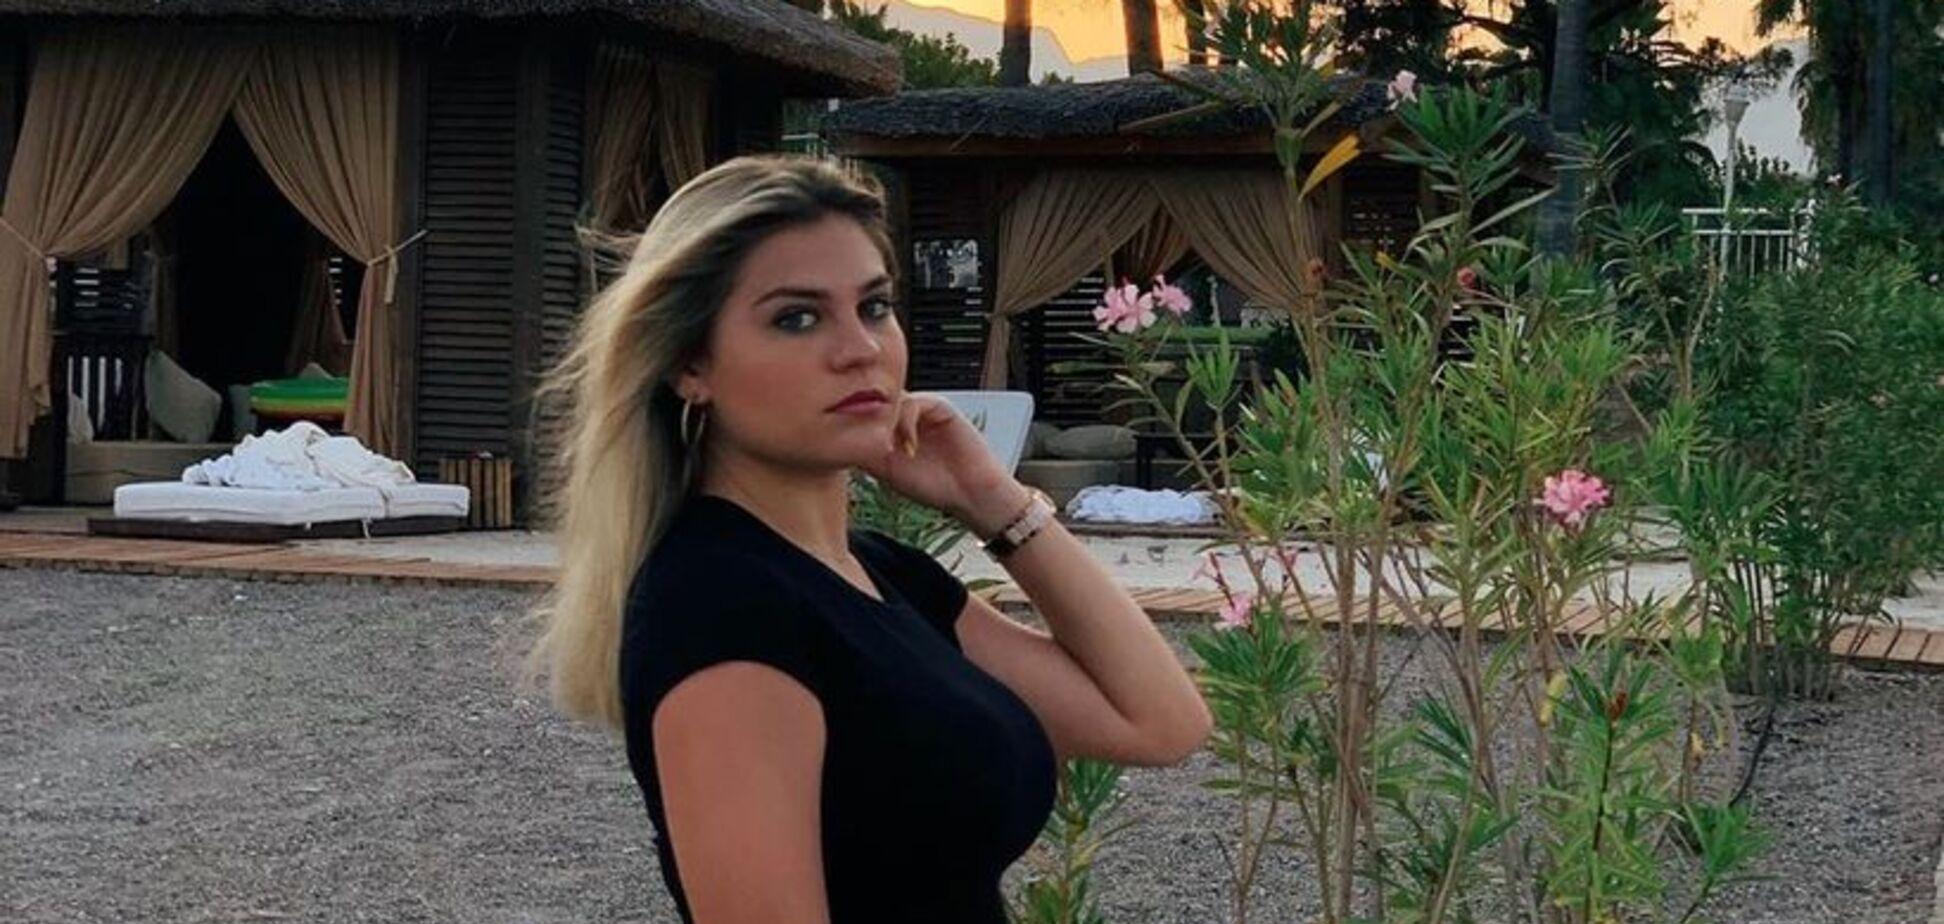 'Як Барбі': внучка Боярського вразила мережу пишним бюстом у відвертій сукні